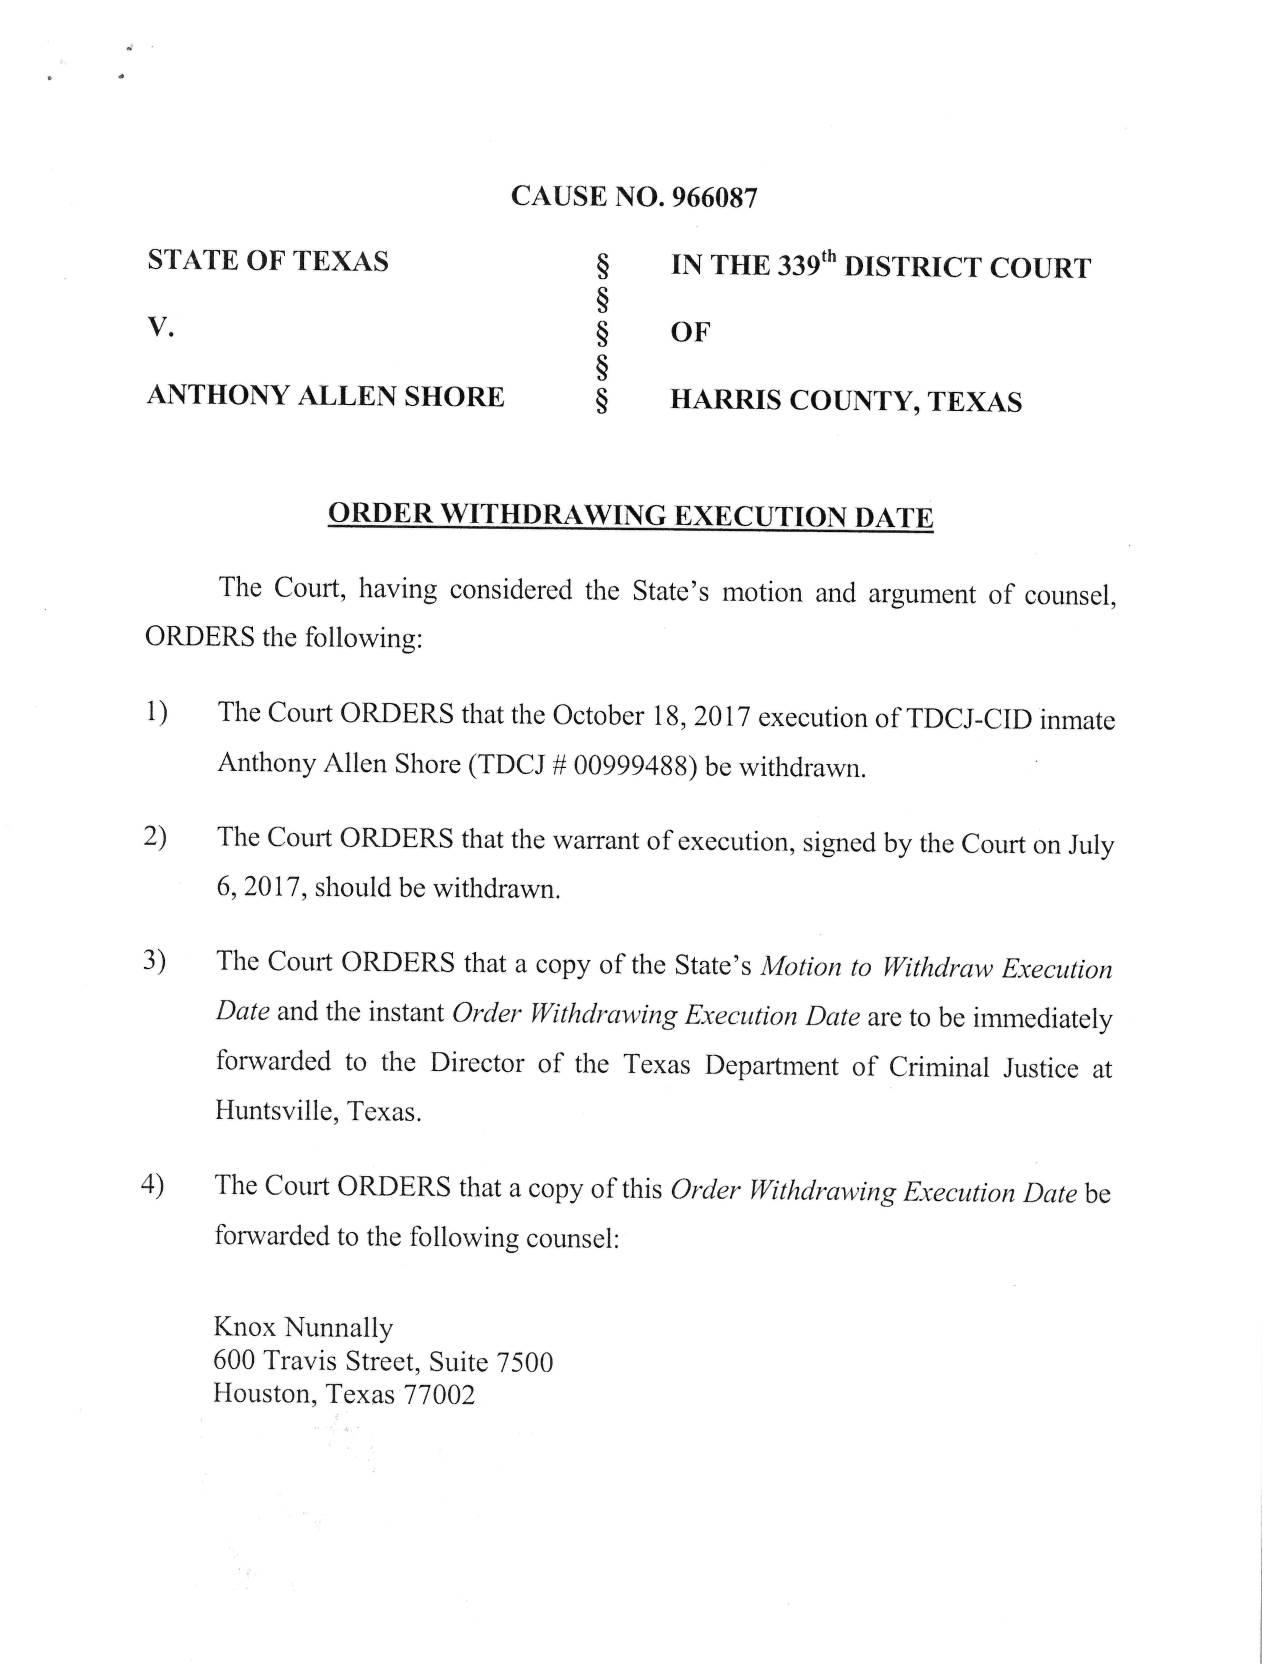 court order 1